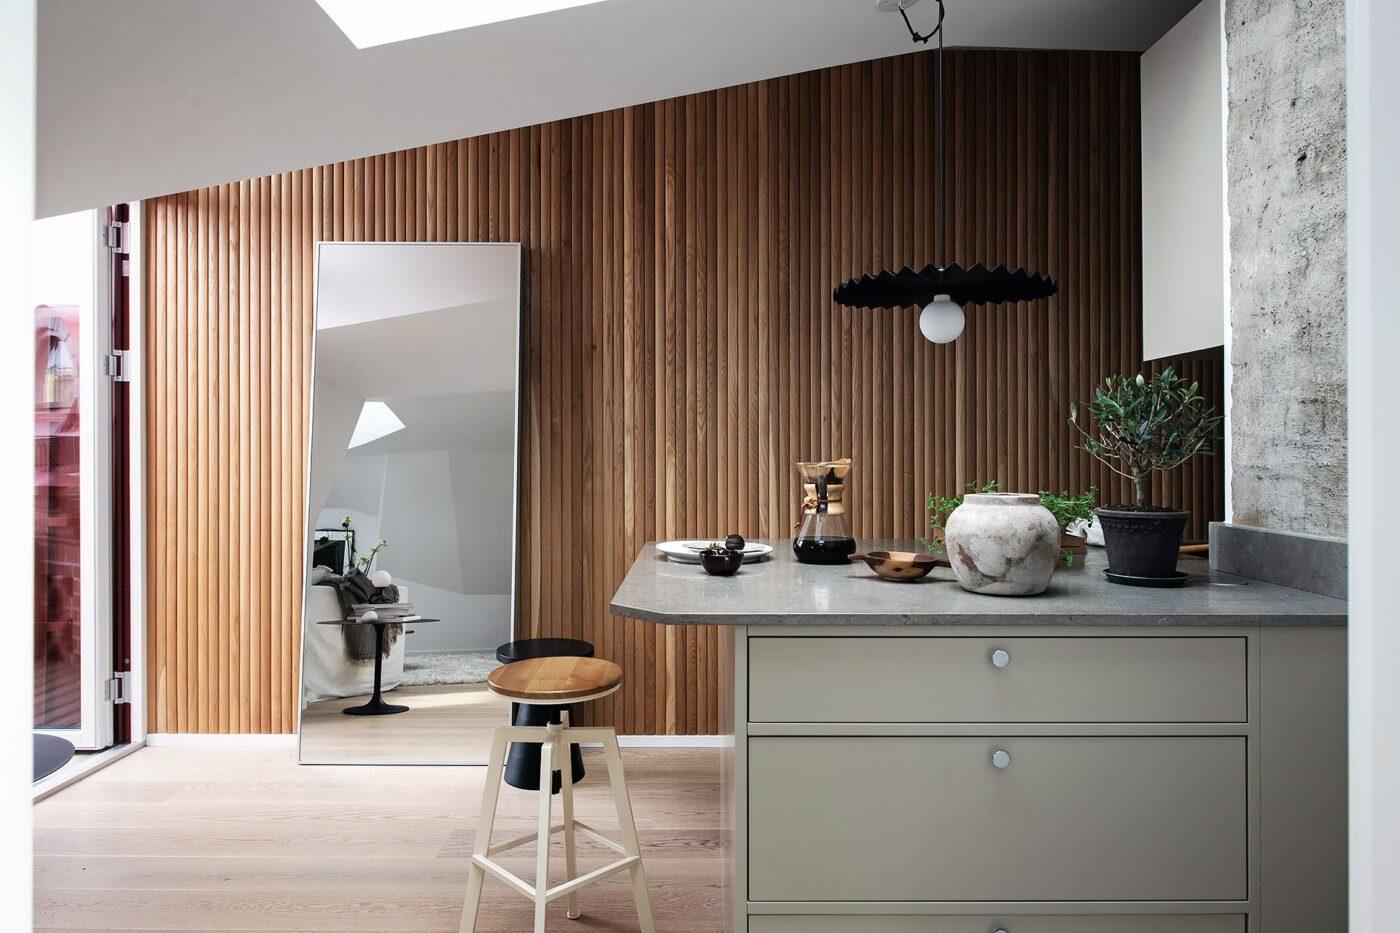 5_pequenos_arreglos_mejorar_aspecto_casa_decoración_interiores_soluciones_decorativas-04